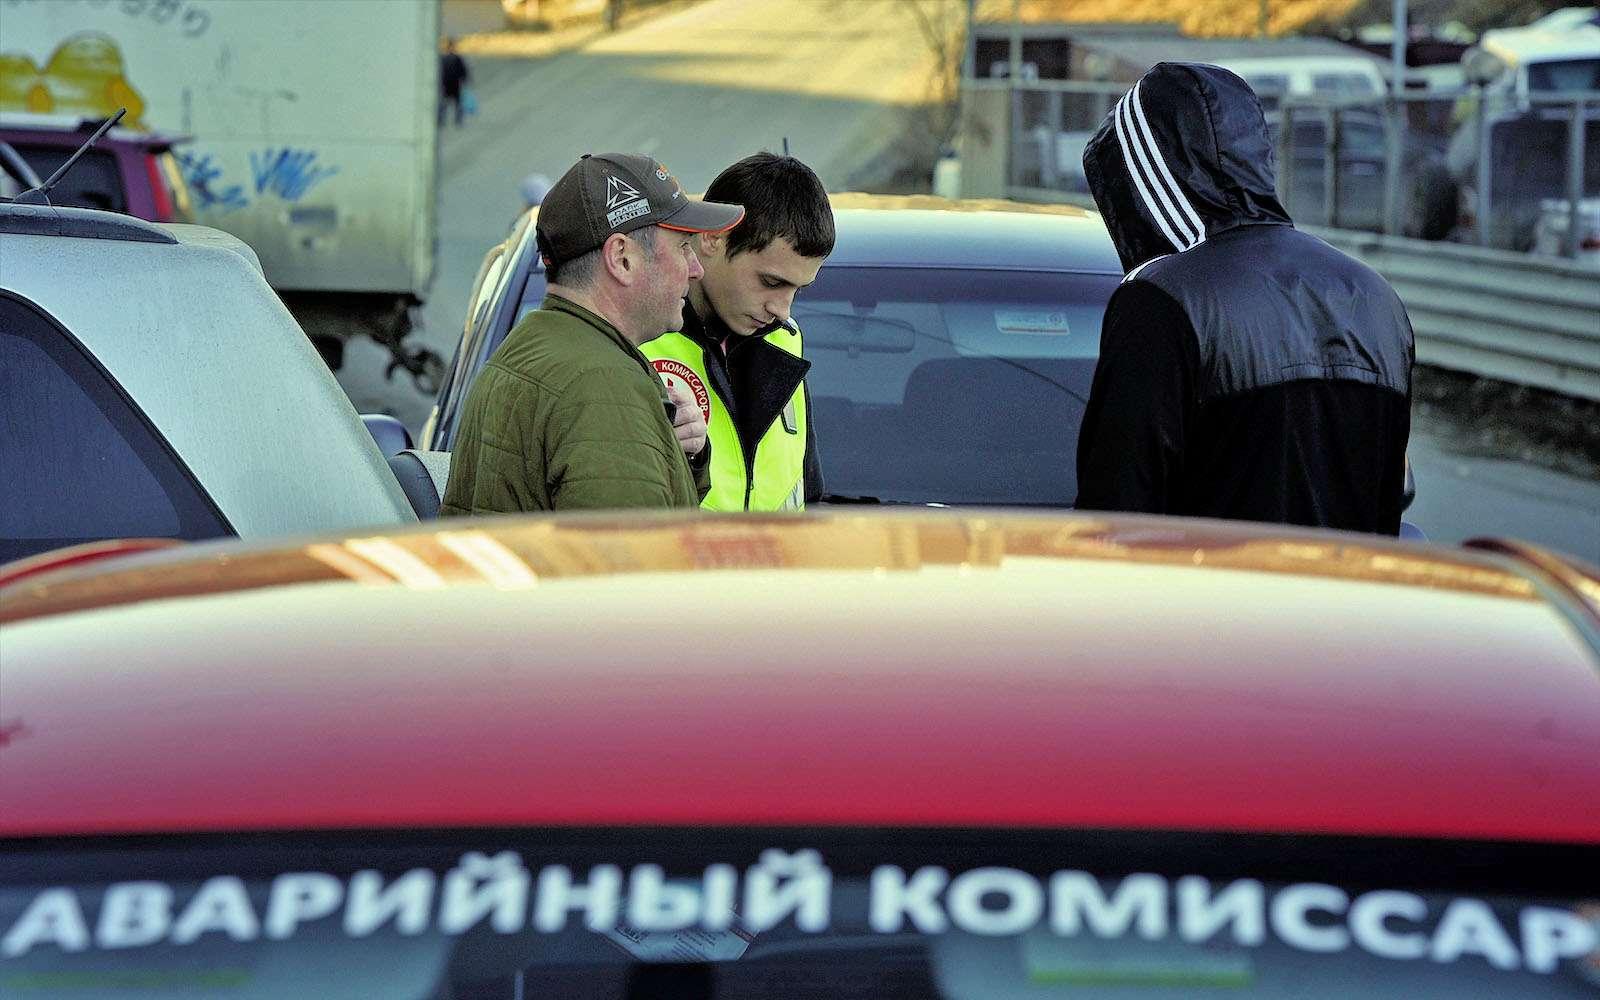 Криминальные автоюристы: шулеры или Робин Гуды?— фото 607971